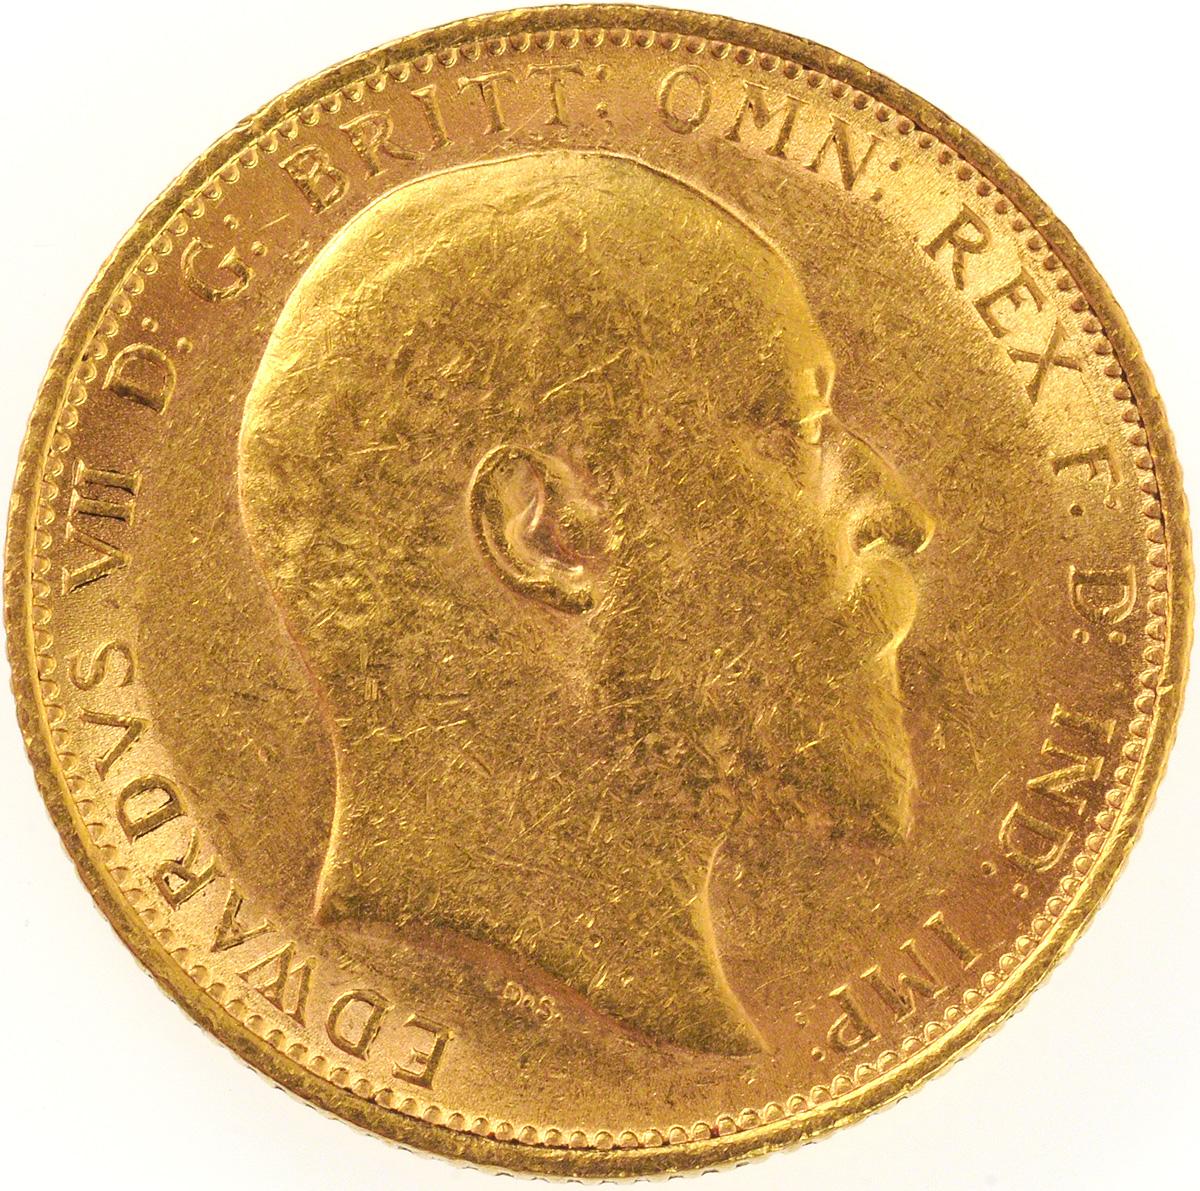 1905 Εδουάρδος Ζ' (Νομισματοκοπείο Λονδίνου)